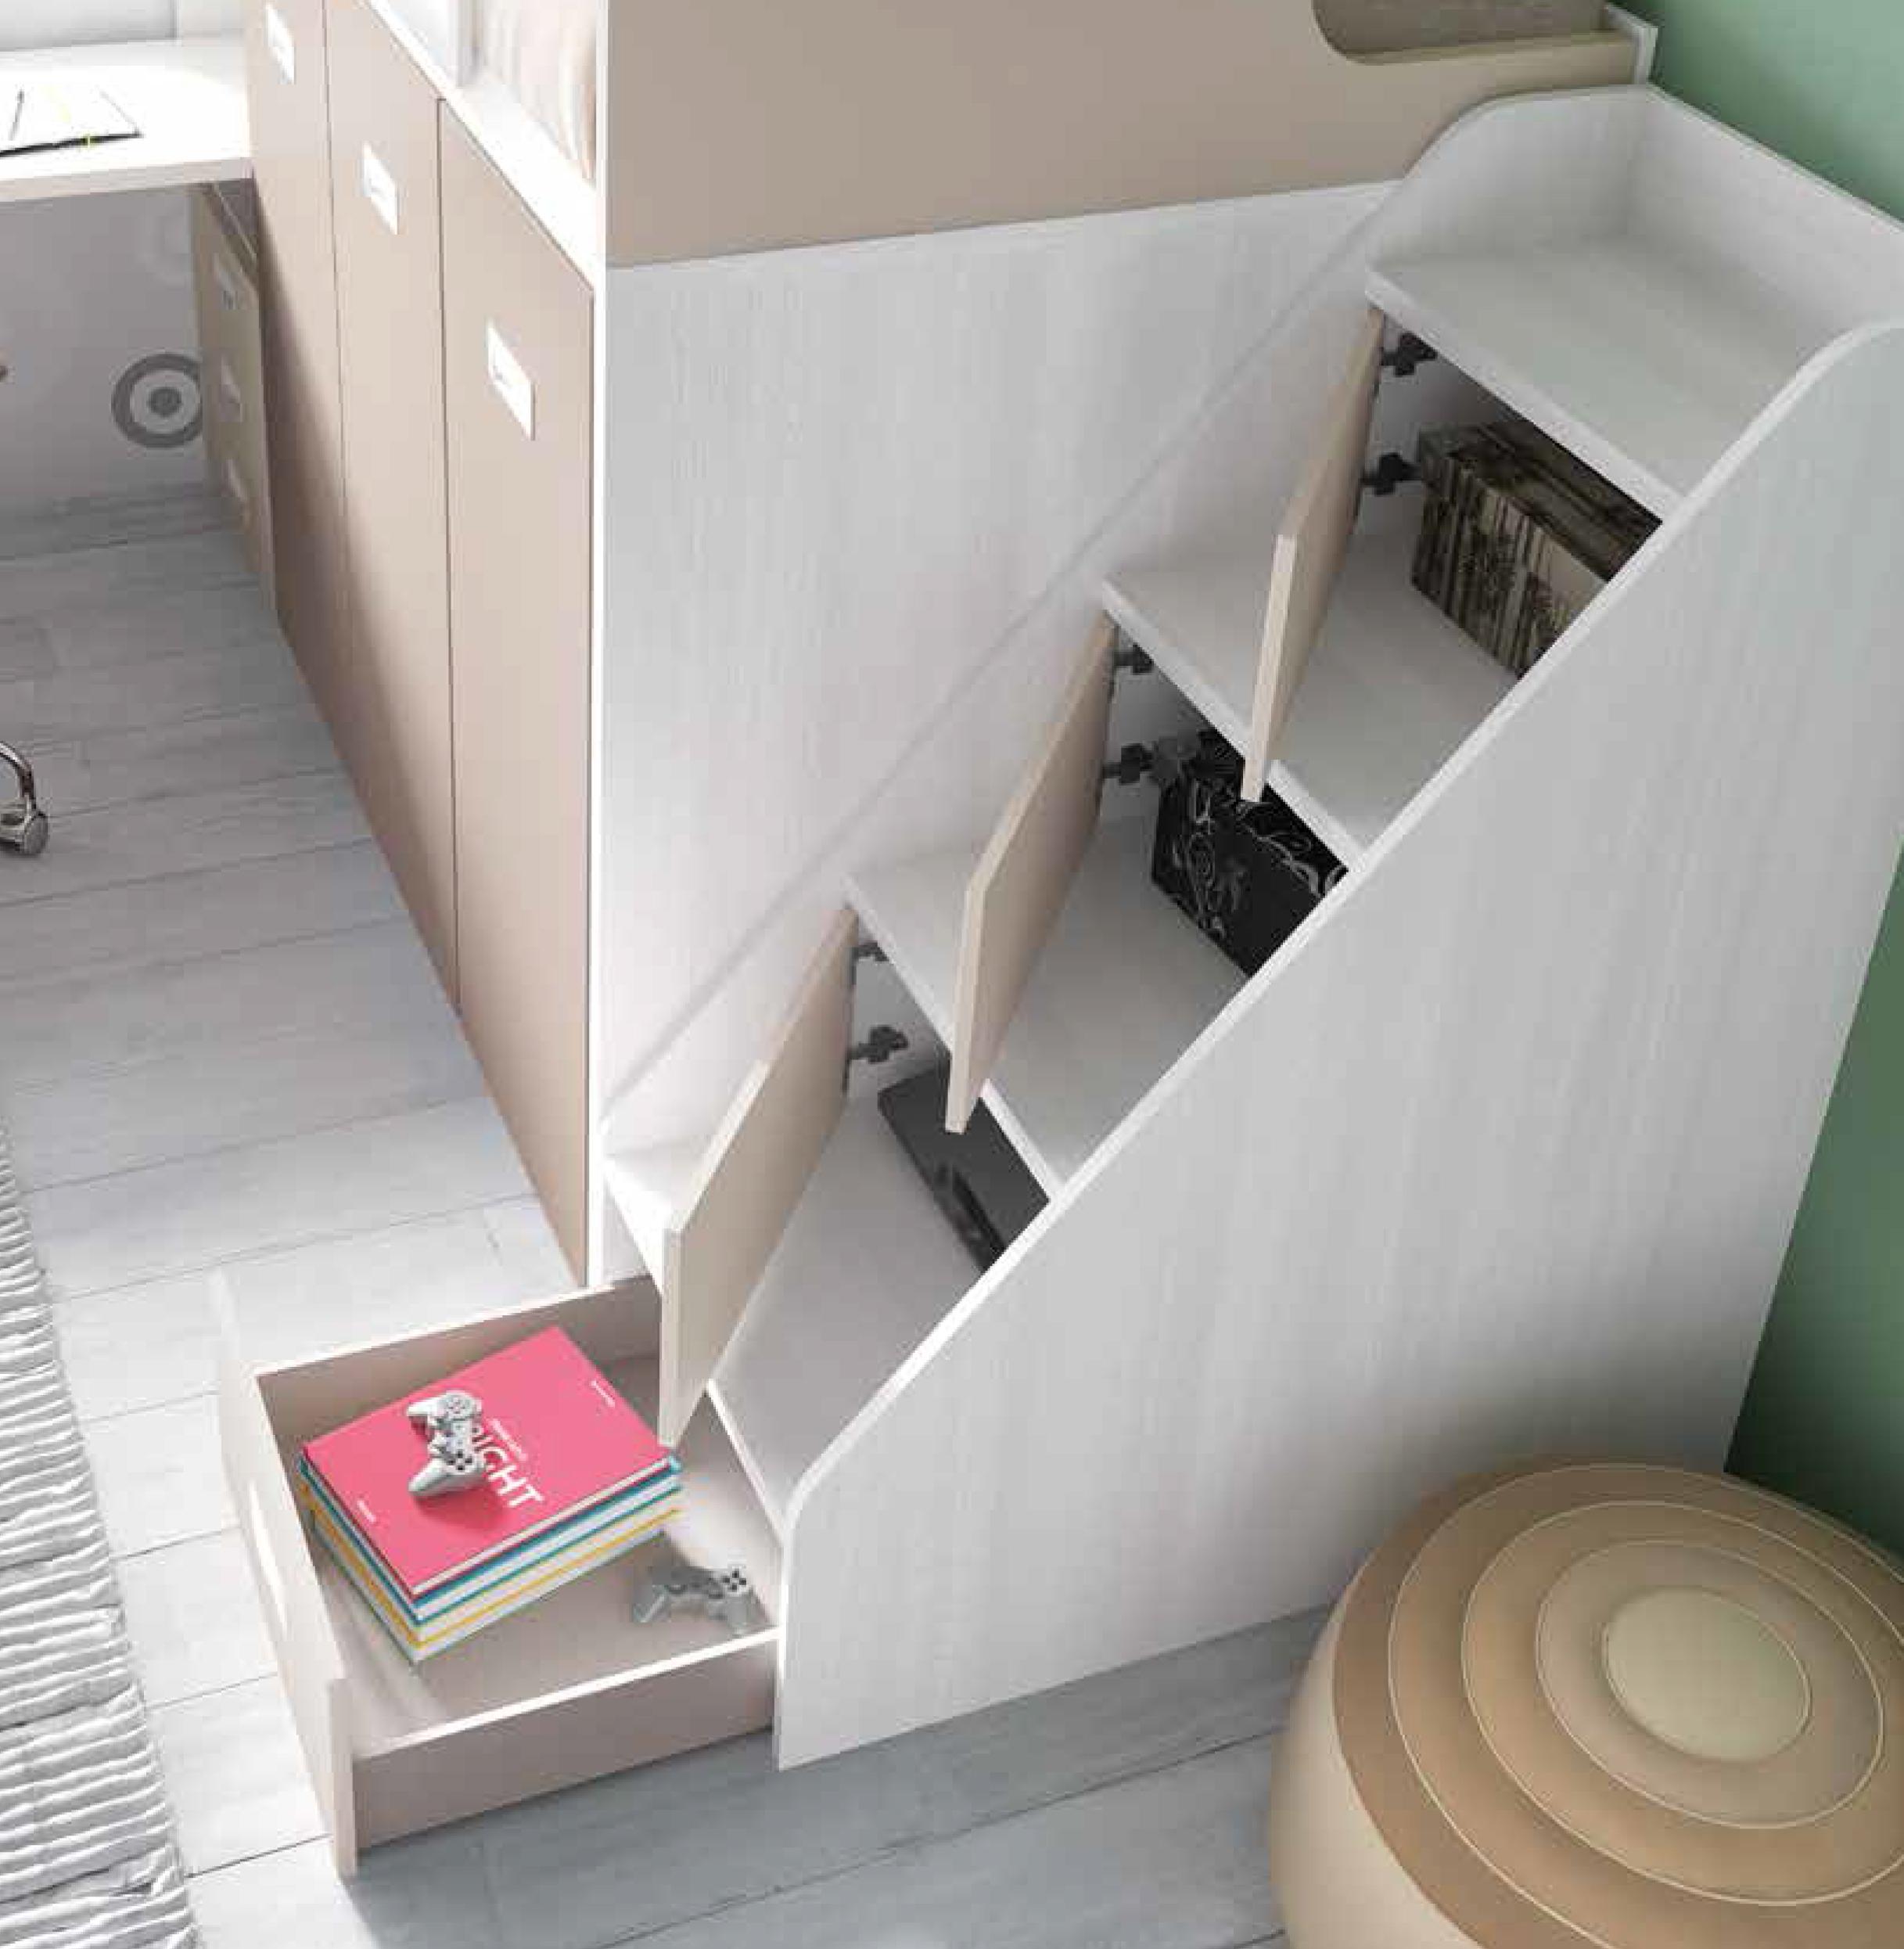 Lit Superposé Marche Escalier lit superposé escalier et grand rangement enfant - glicerio